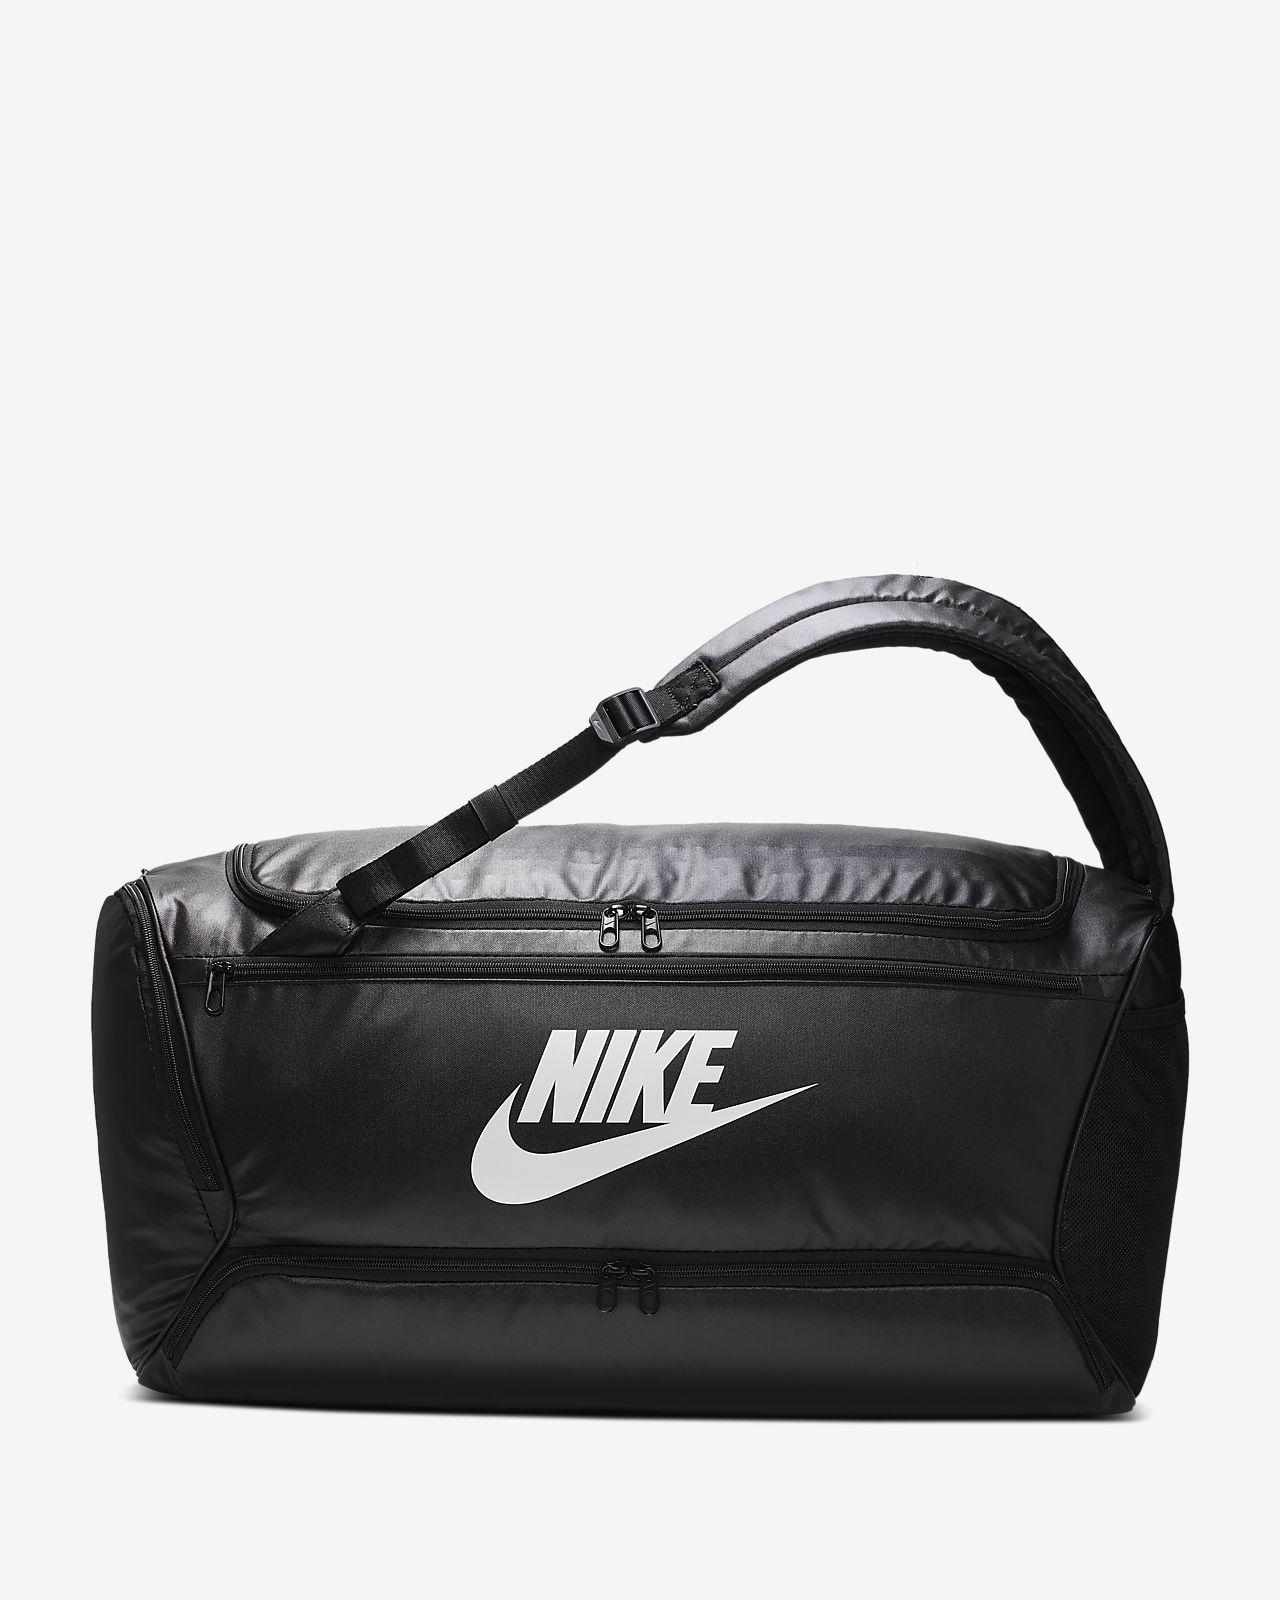 Σακίδιο/τσάντα γυμναστηρίου για προπόνηση με ευέλικτη σχεδίαση Nike Brasilia